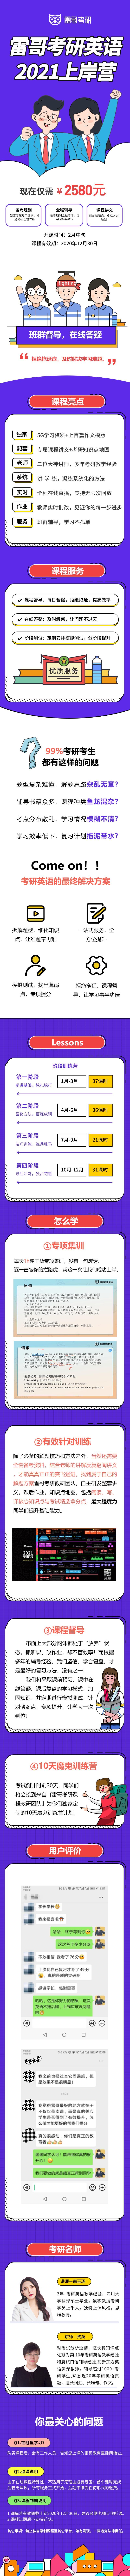 雷哥考研英语-上岸营(终).jpg